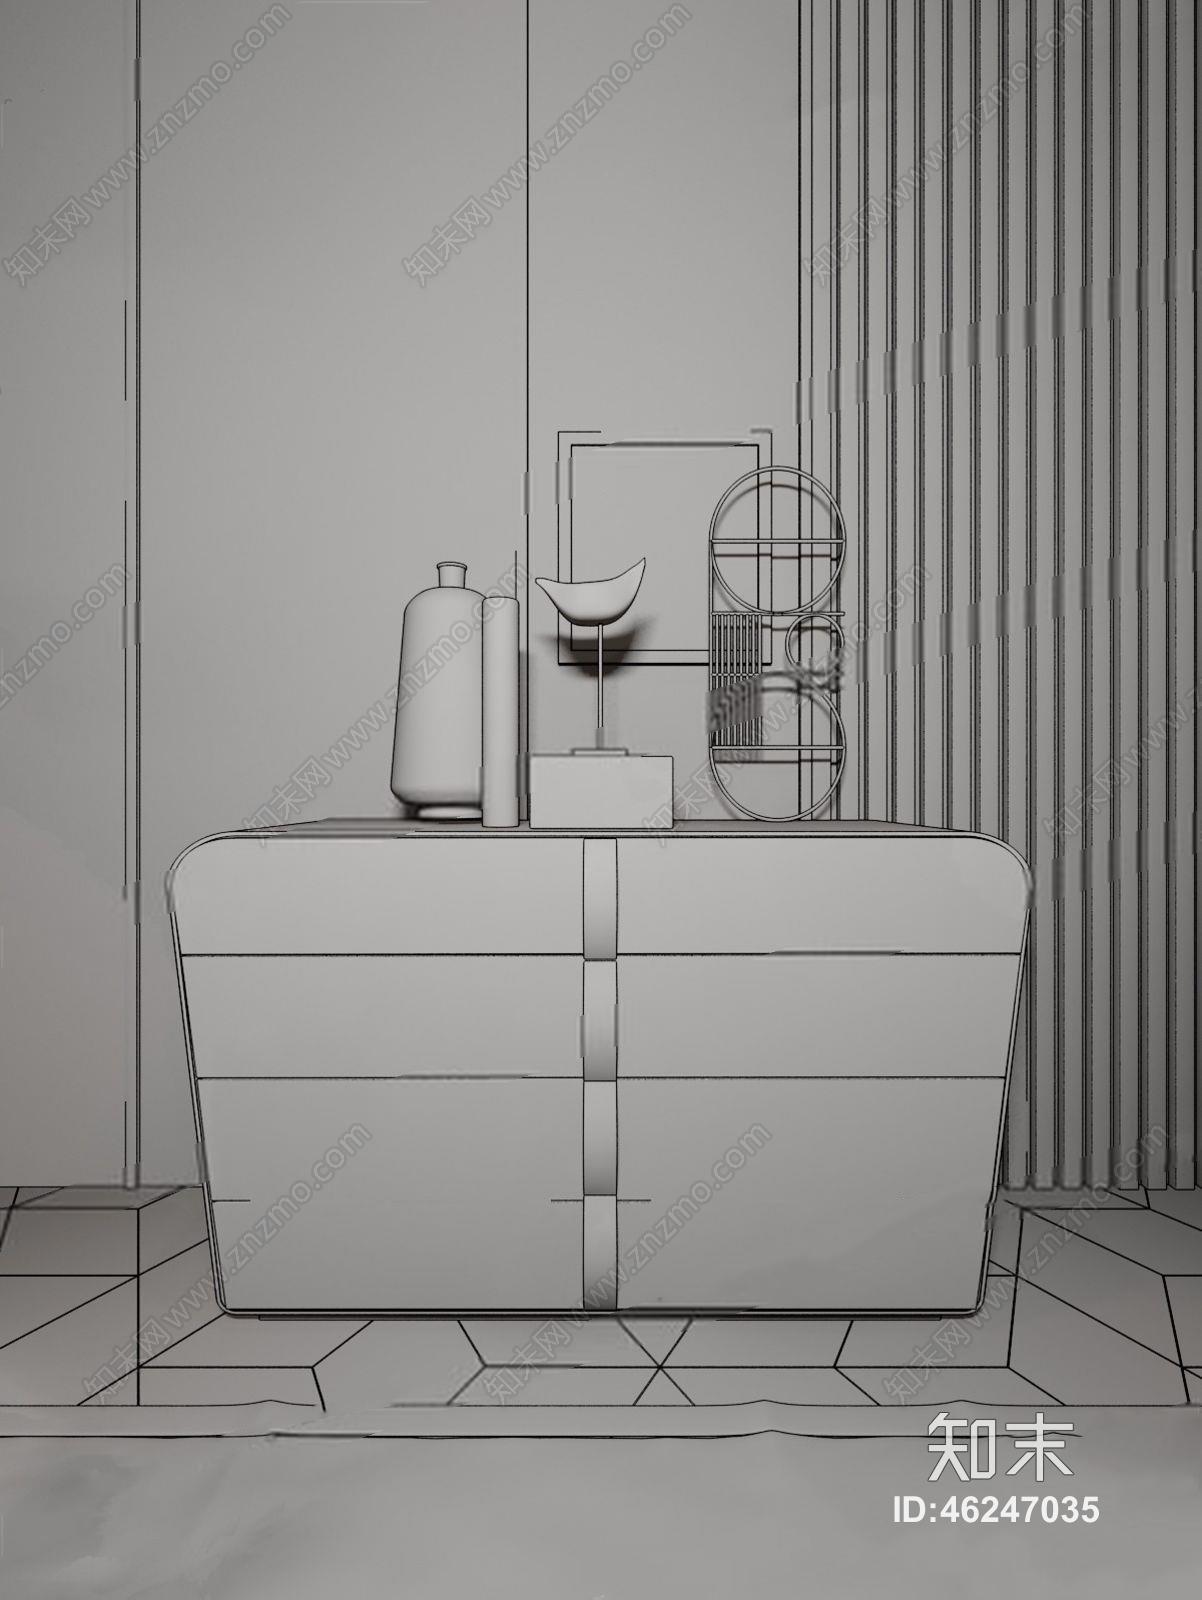 现代卧室 现代卧室 卧室 双人床 床头柜 边柜 玄关柜 休闲椅 雕塑 摆件 床品 床尾凳 地毯 背景墙 台灯 摆件